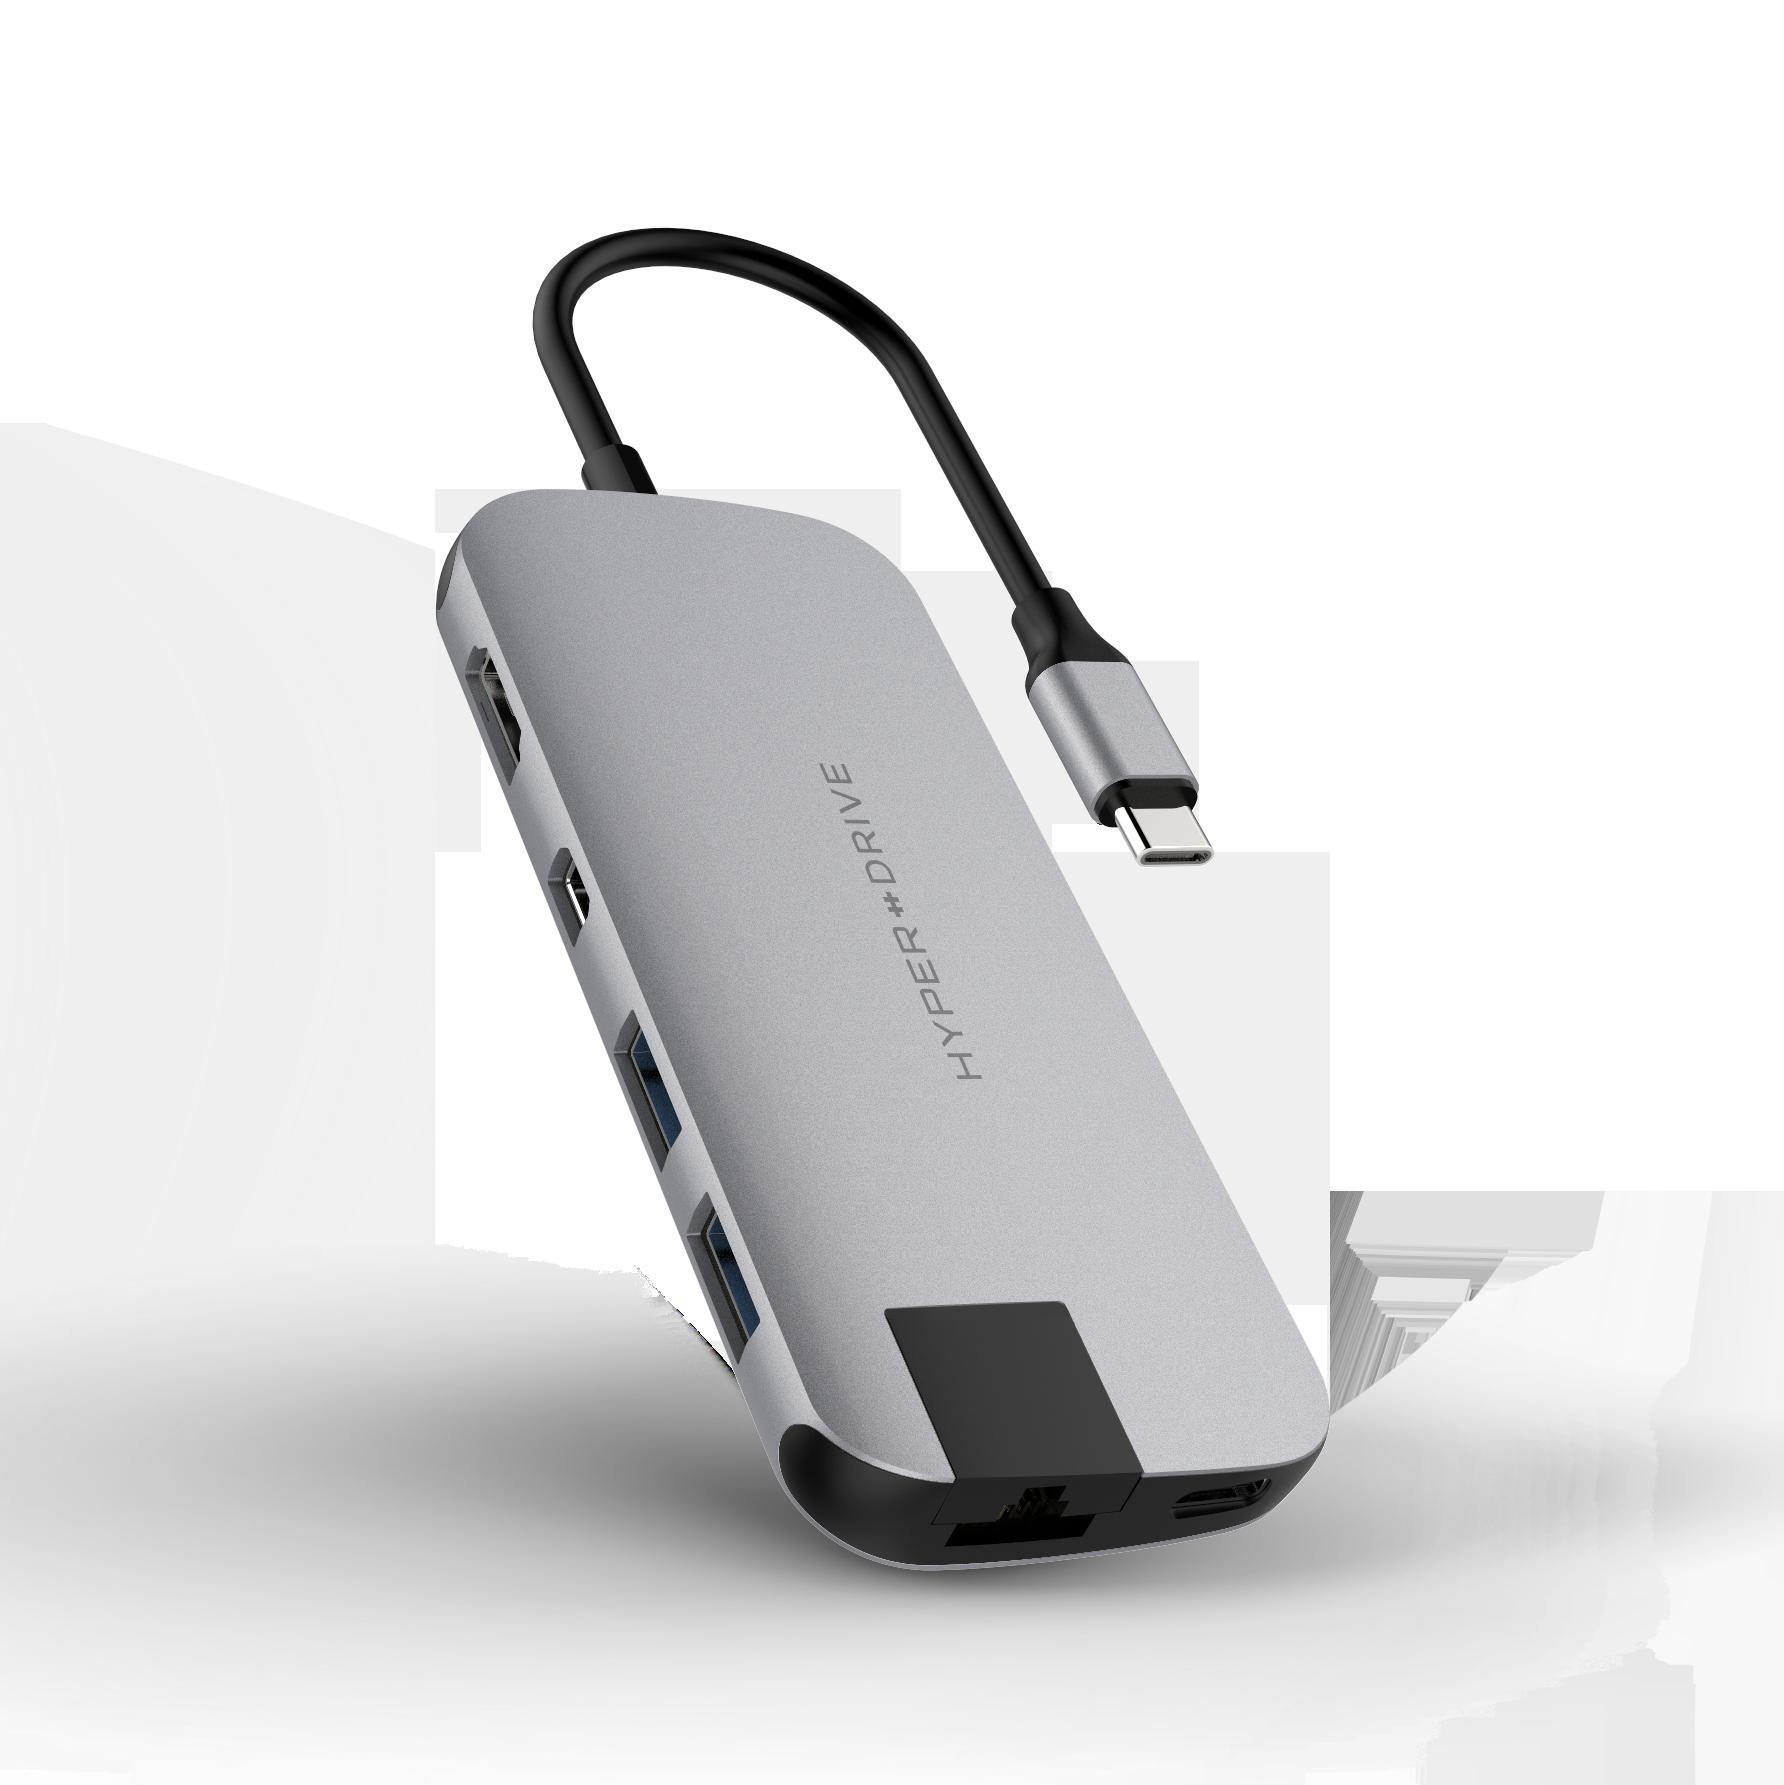 HYPERDRIVE SLIM 8 IN 1 USB-C HUB